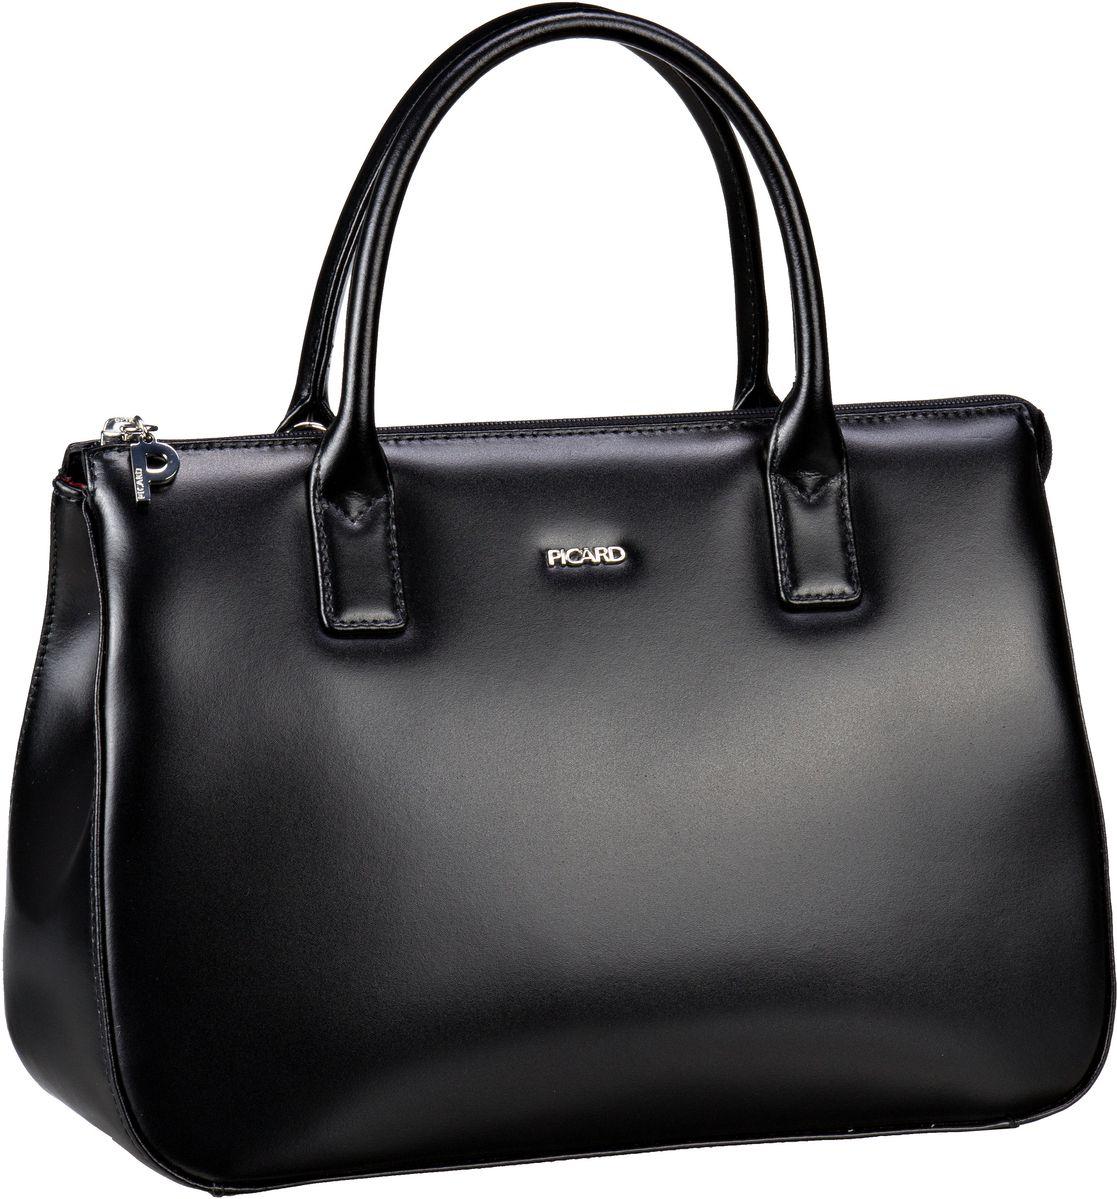 Handtasche Promotions 5 4640 Schwarz